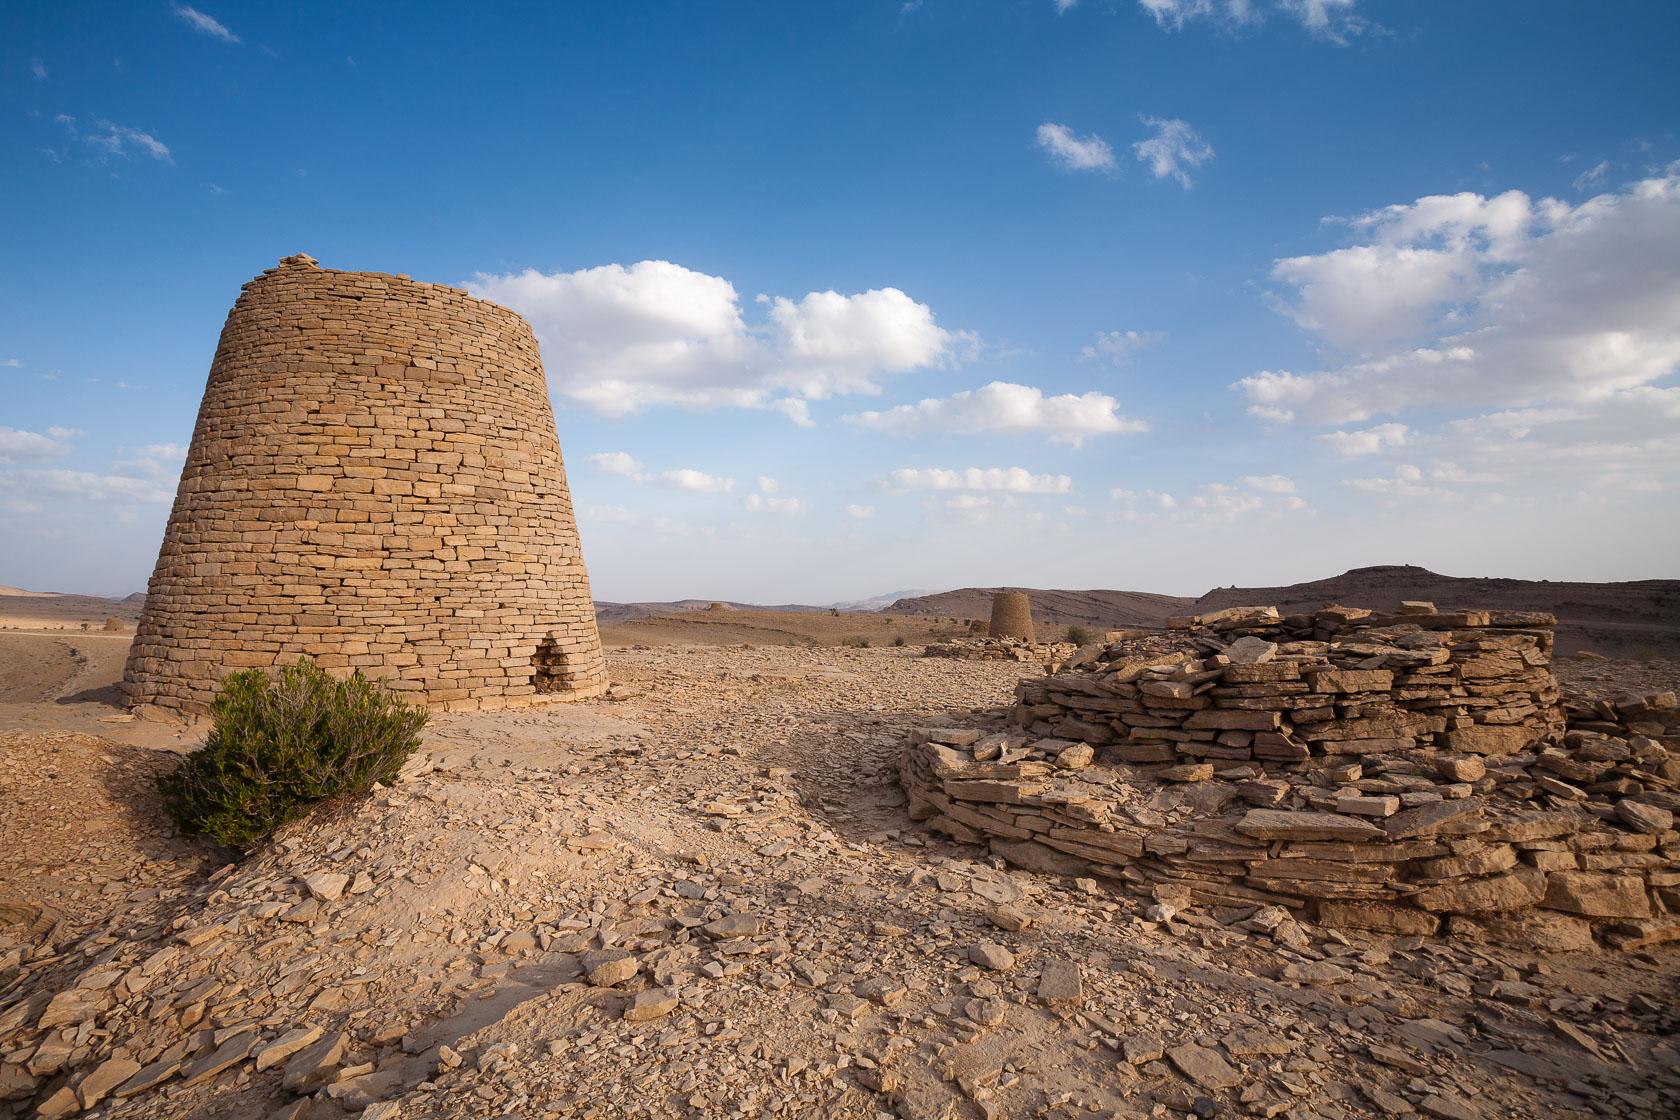 Tombes de l'age du bronze, sur le plateau de l'Hajjar orientale Oman